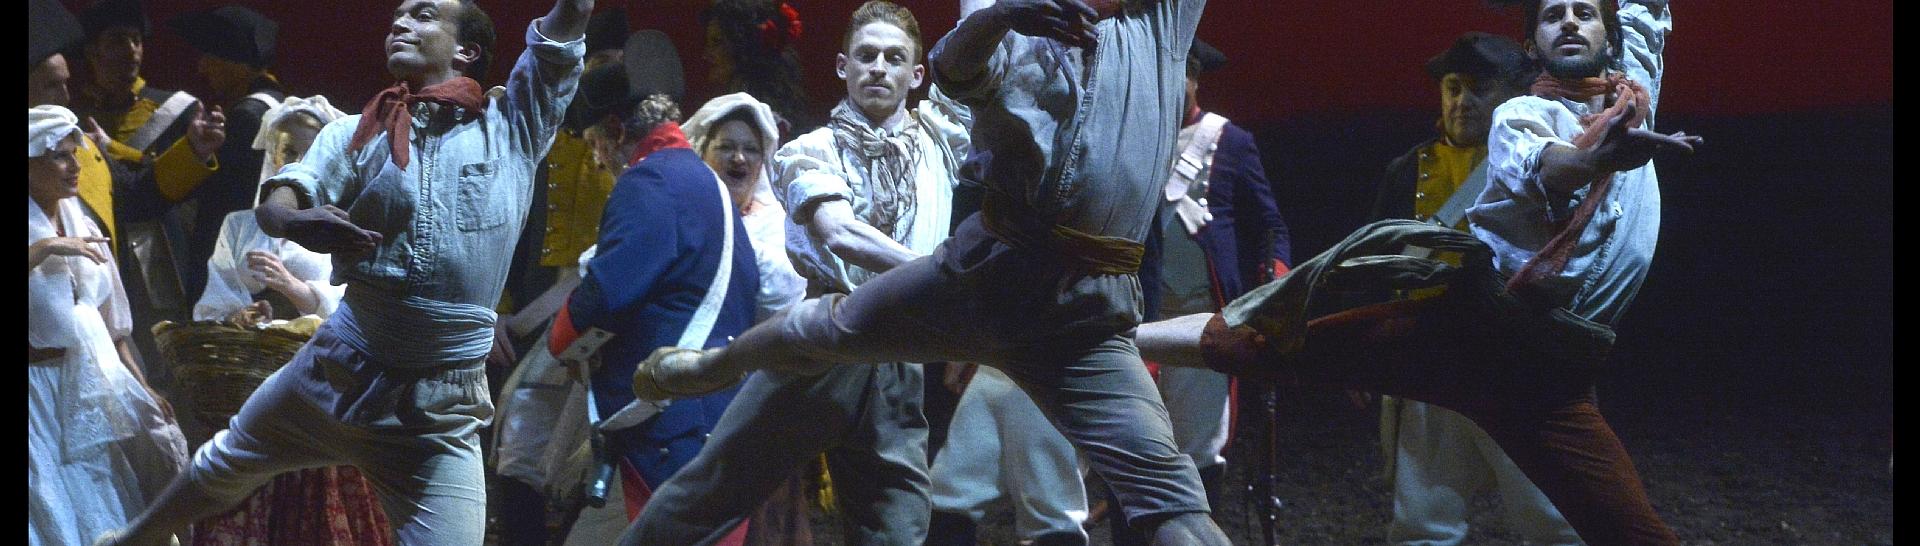 כוחו של גורל באופרה הישראלית